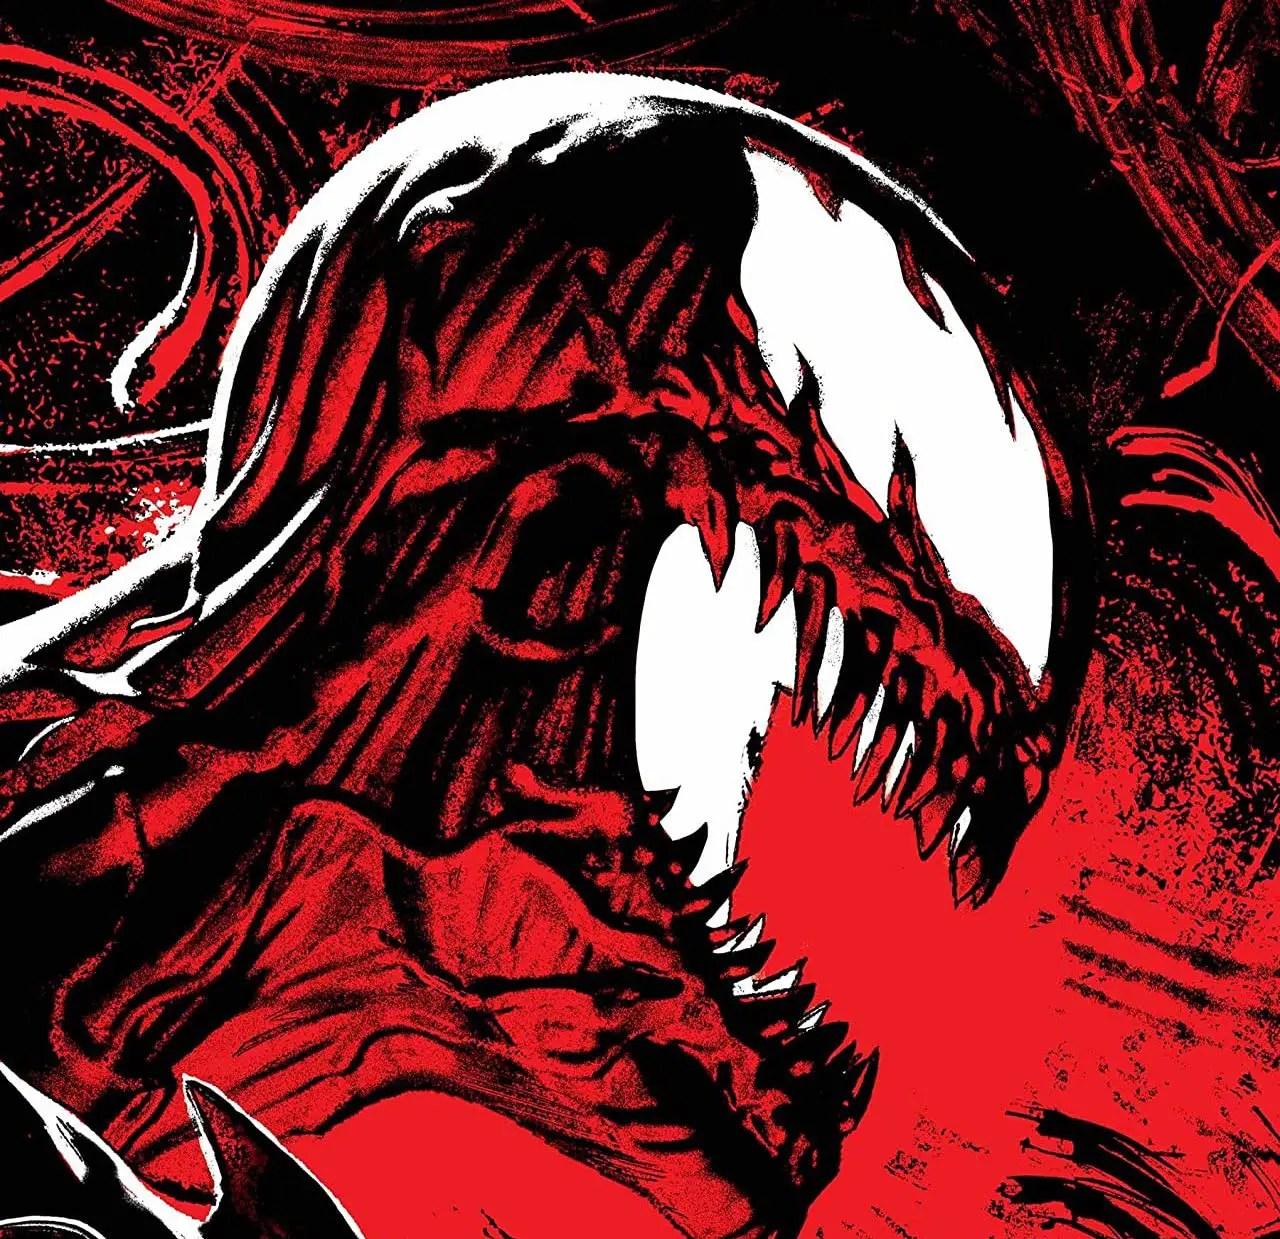 'Carnage: Black, White & Blood' #3 shows great range